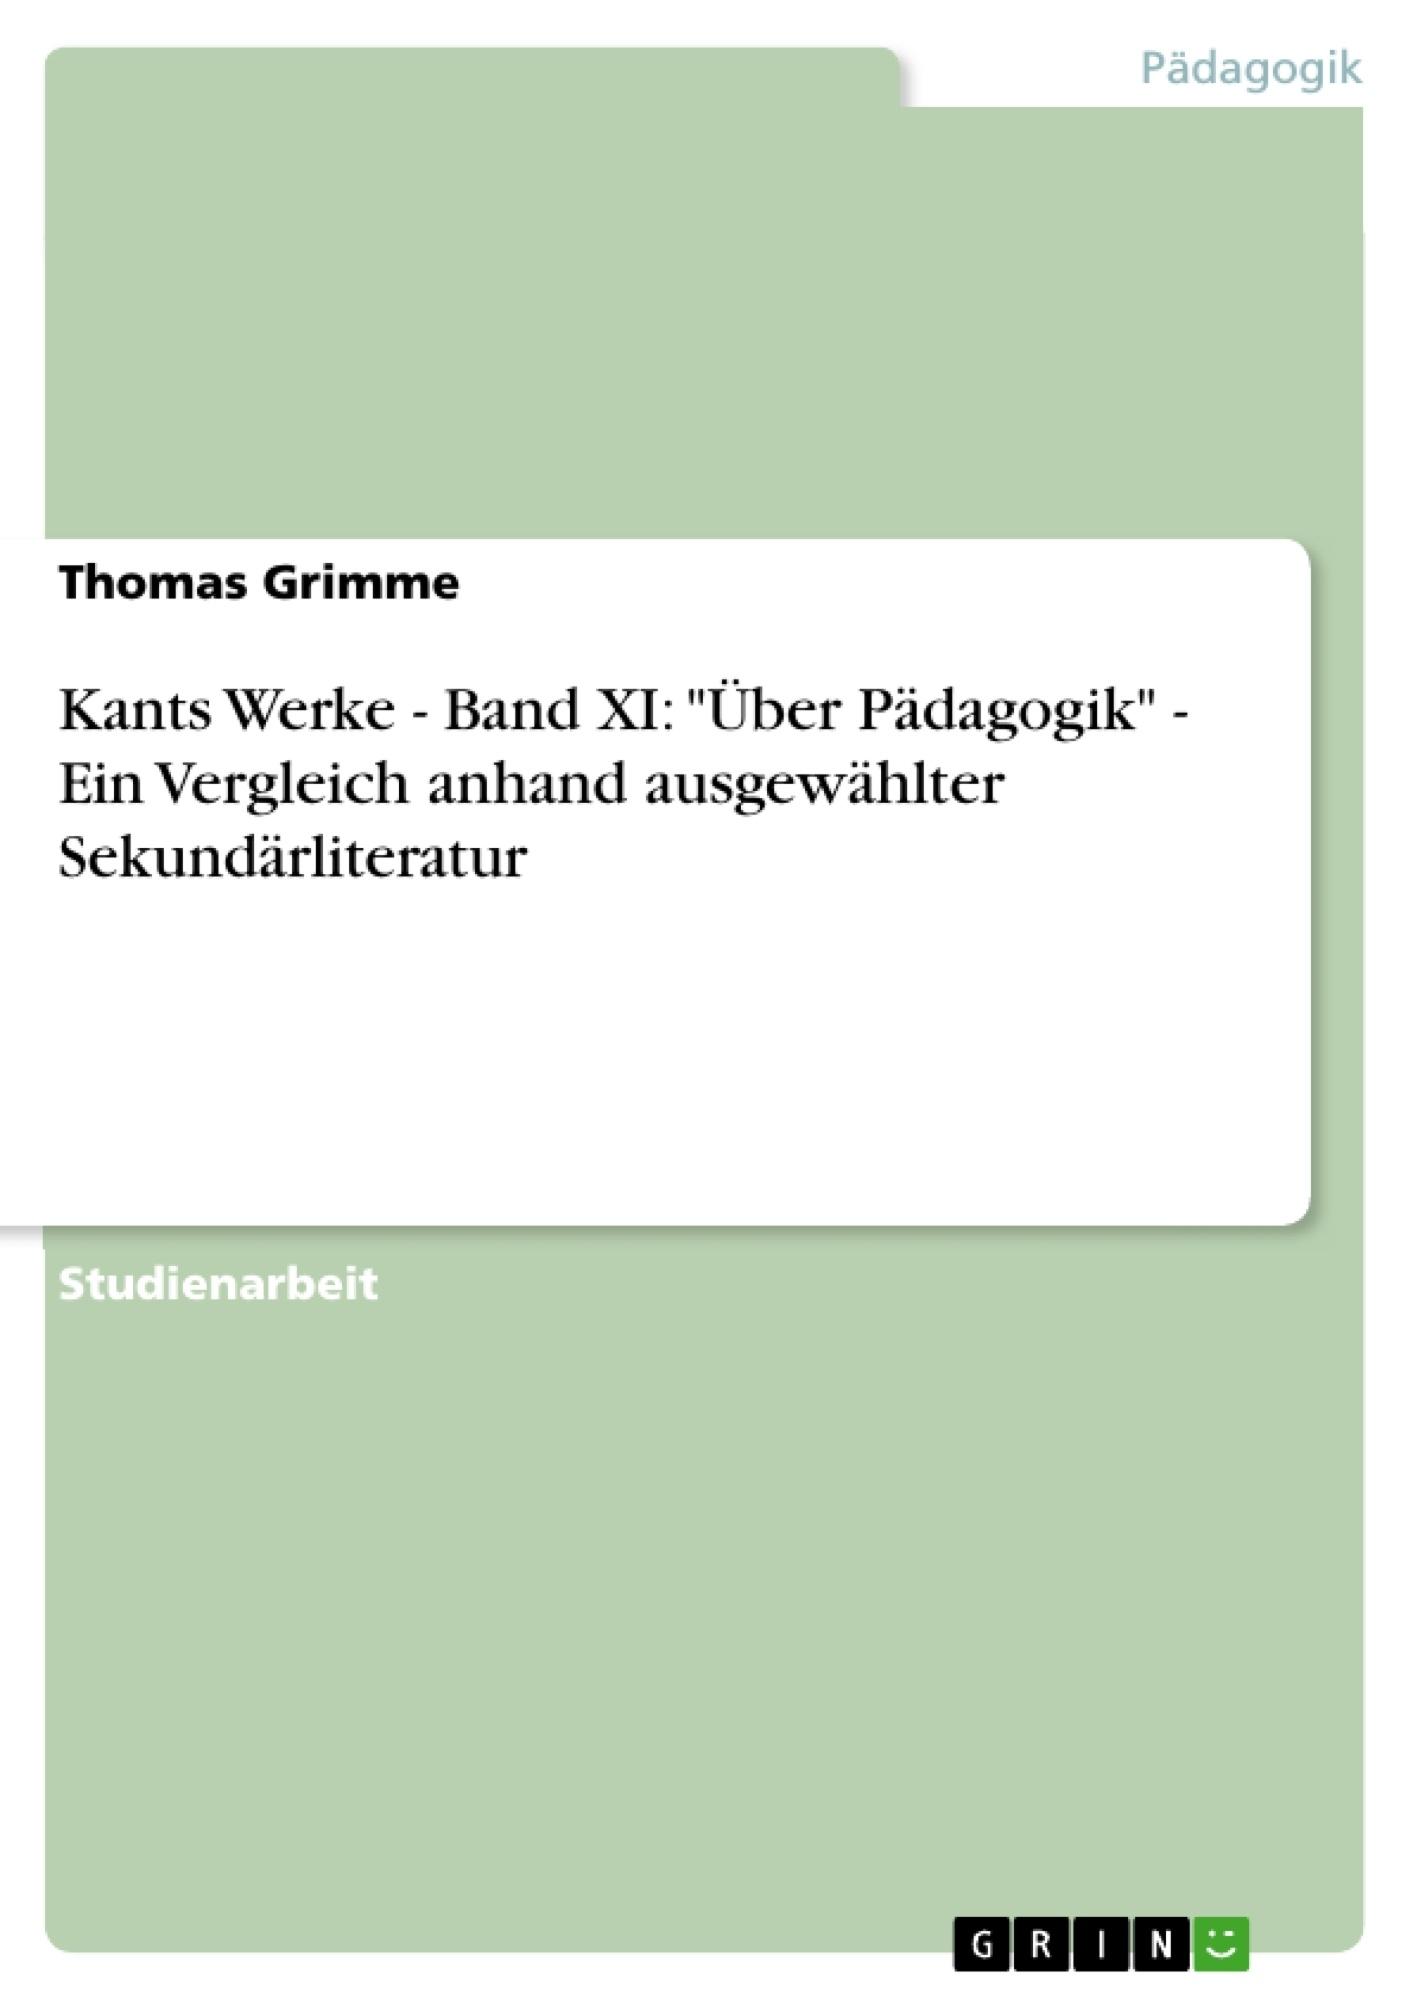 """Titel: Kants Werke - Band XI: """"Über Pädagogik""""  - Ein Vergleich anhand ausgewählter Sekundärliteratur"""